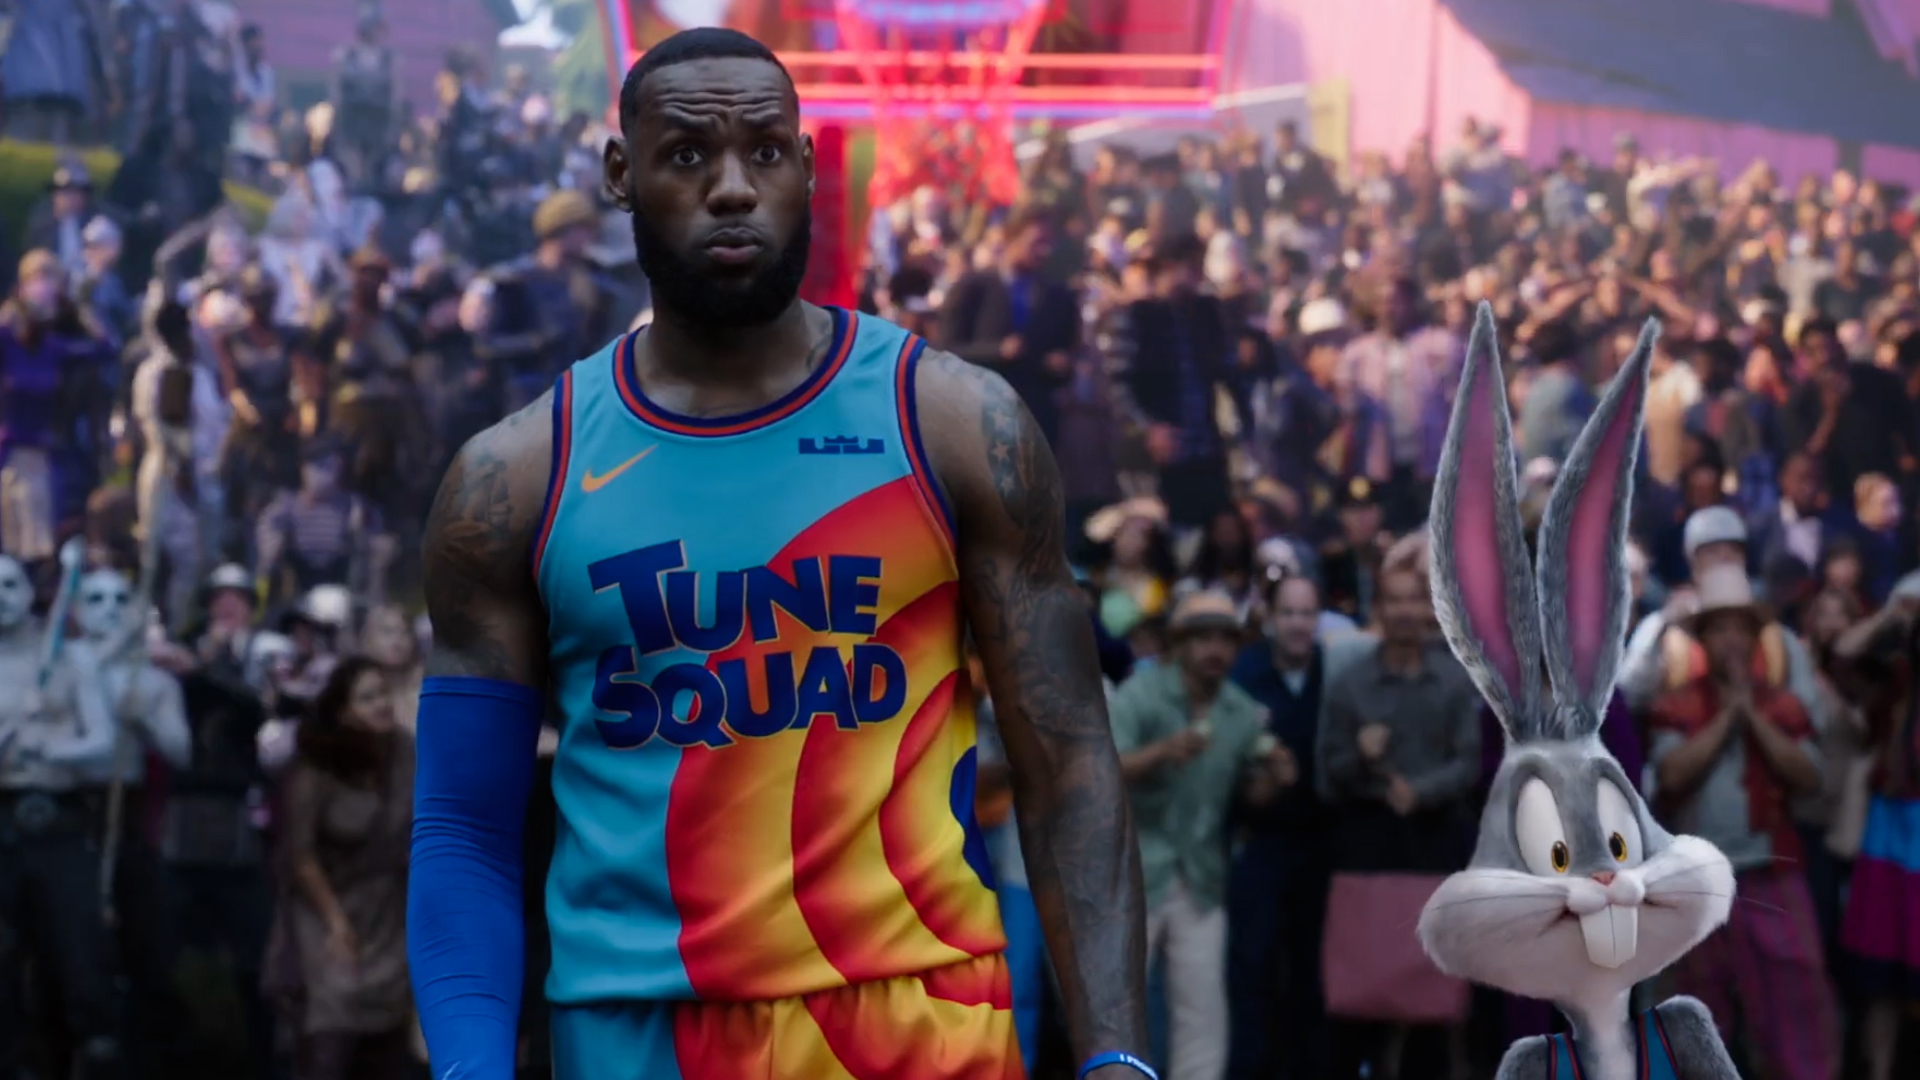 Este es el nuevo tráiler de la película Space Jam 2, con LeBron James